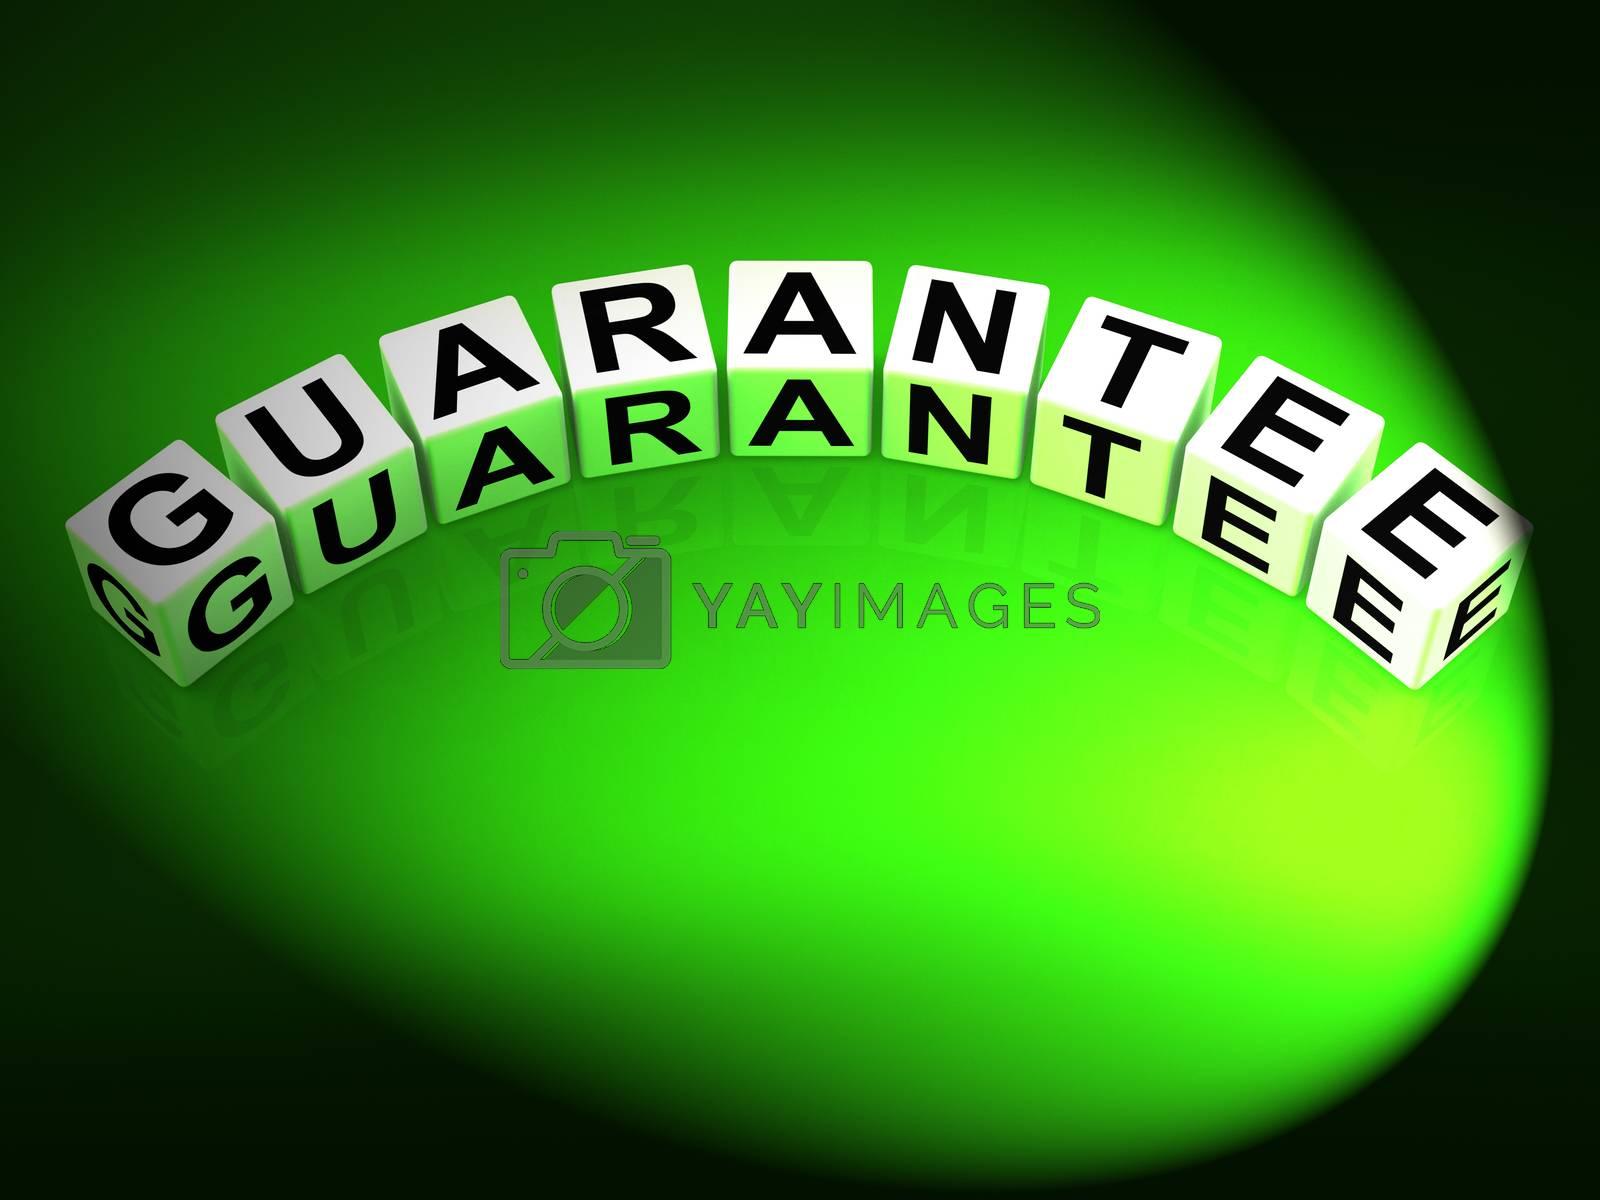 Guarantee Dice Show Pledge of Risk Free Guaranteed by stuartmiles